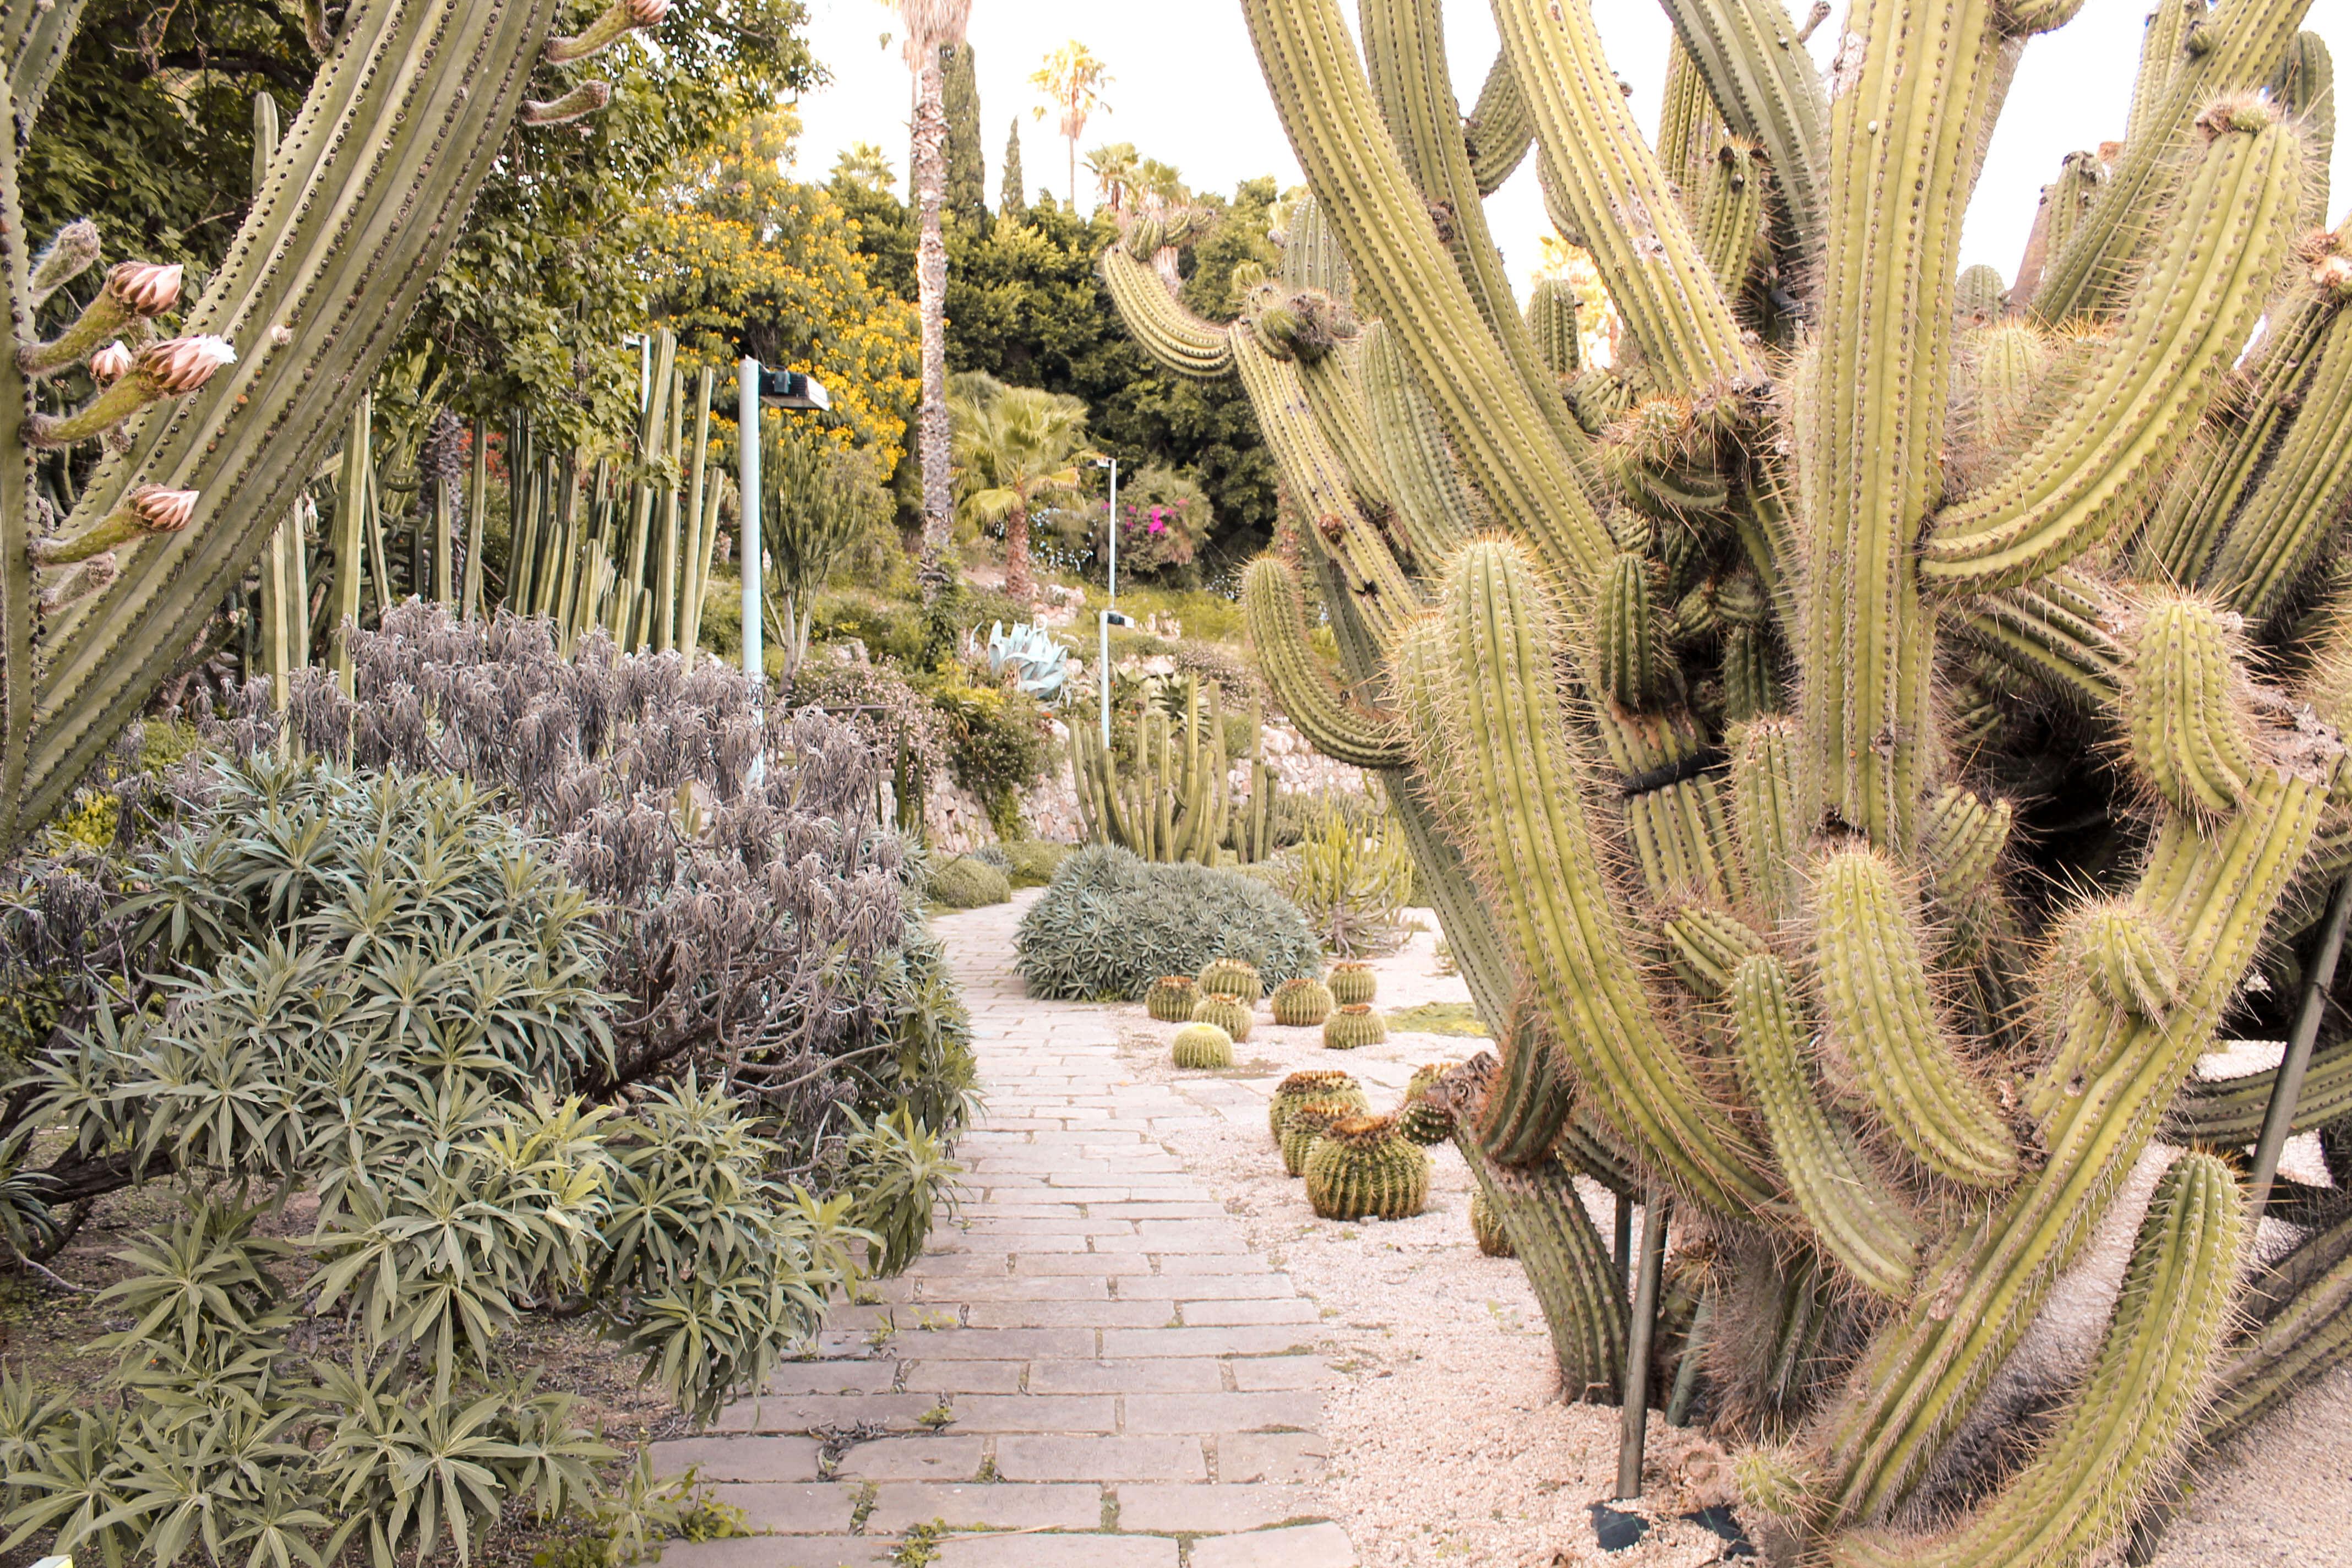 Jardí dels cactus de Barcelona